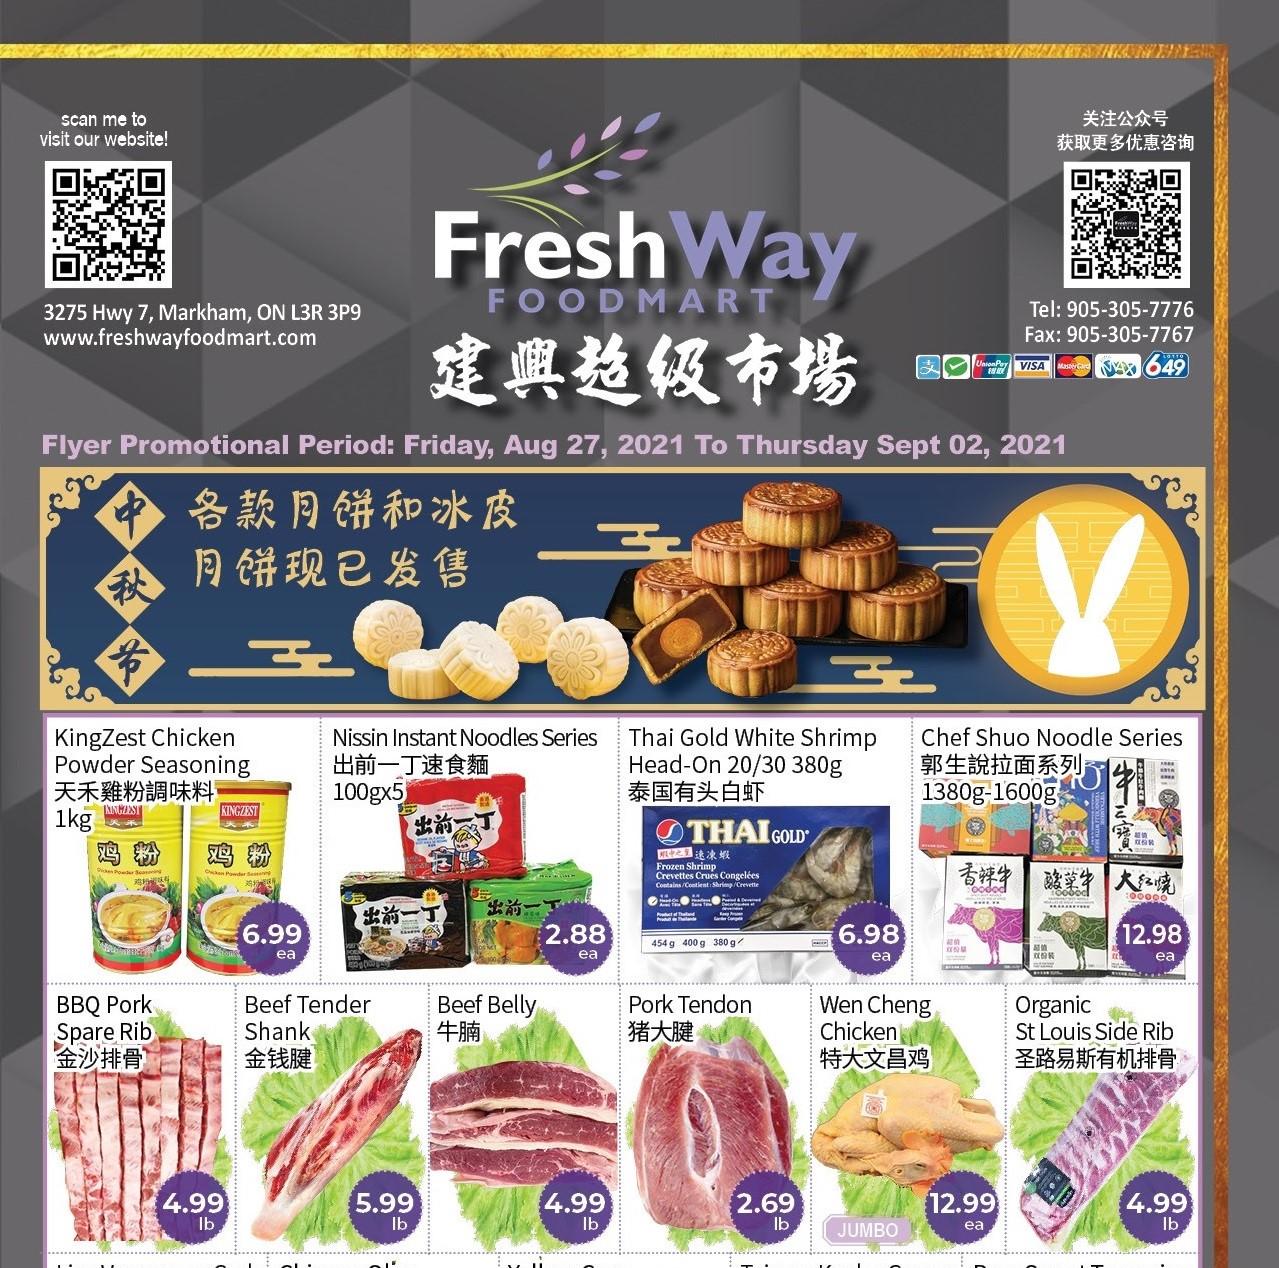 FreshWay Foodmart Flyer   Aug 27